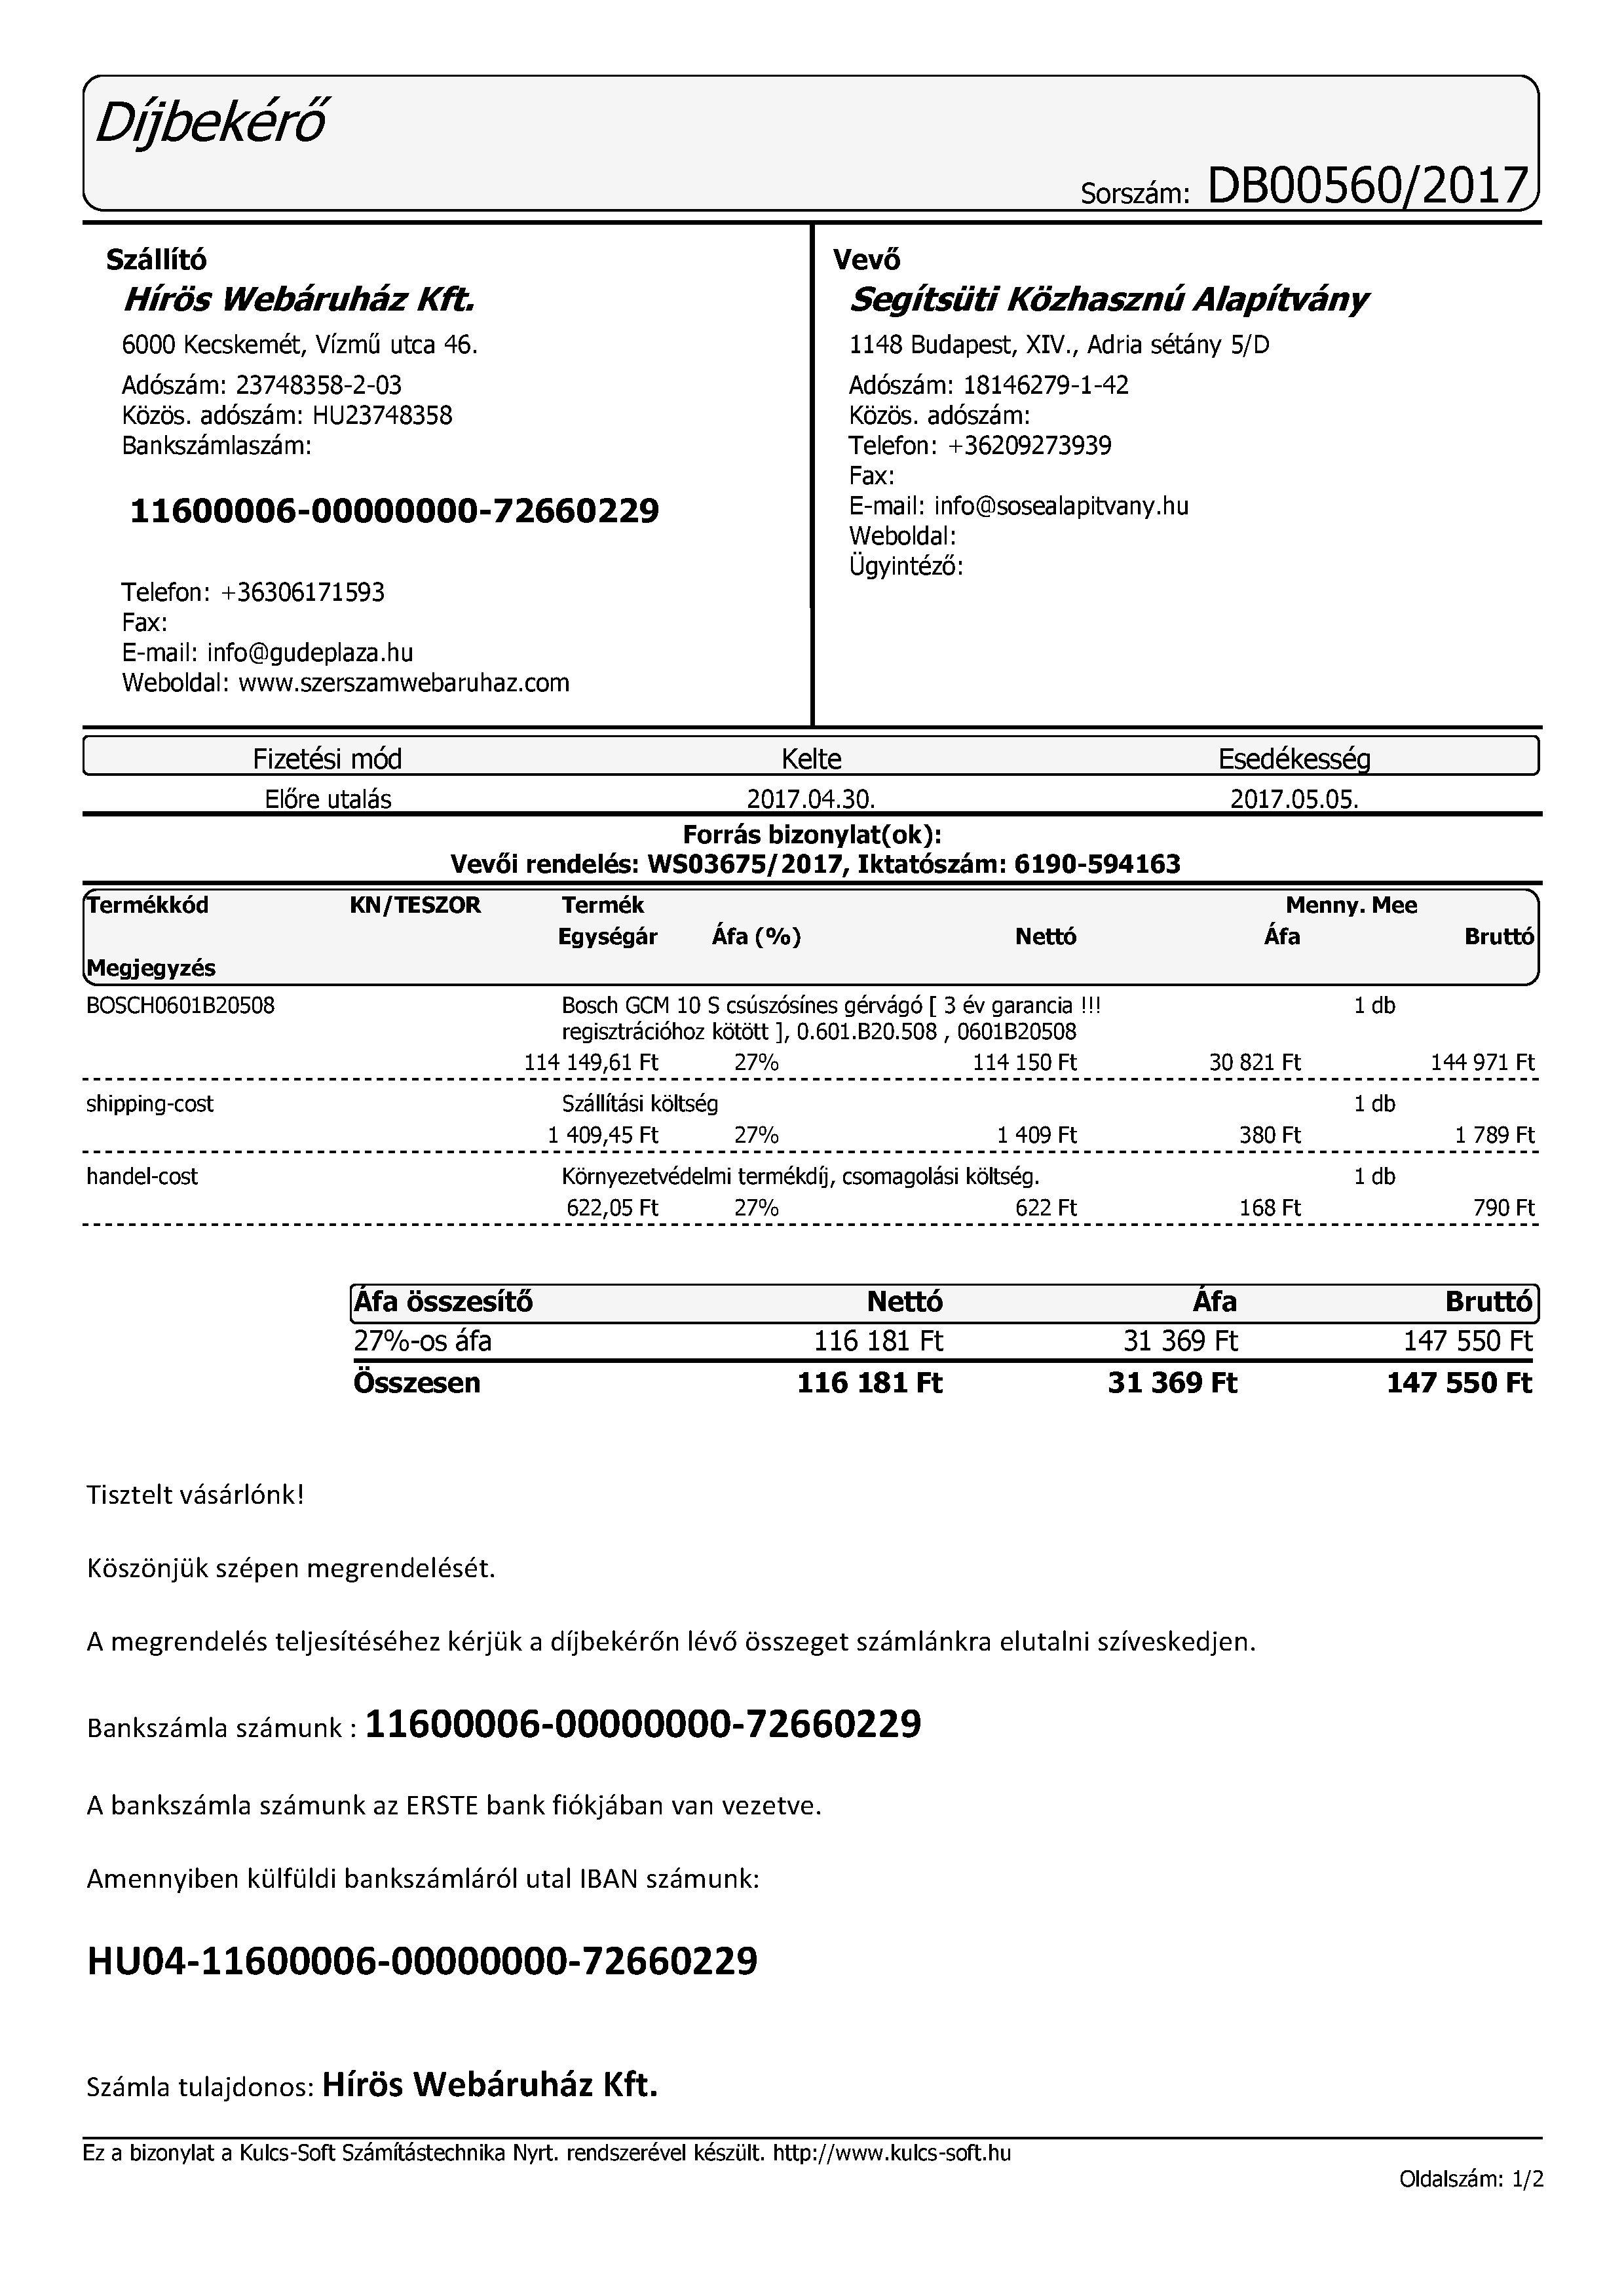 bd8f6a1f18 Segítsüti - Szuperadmin - Nyereményjáték - Elszámolási számlák ...